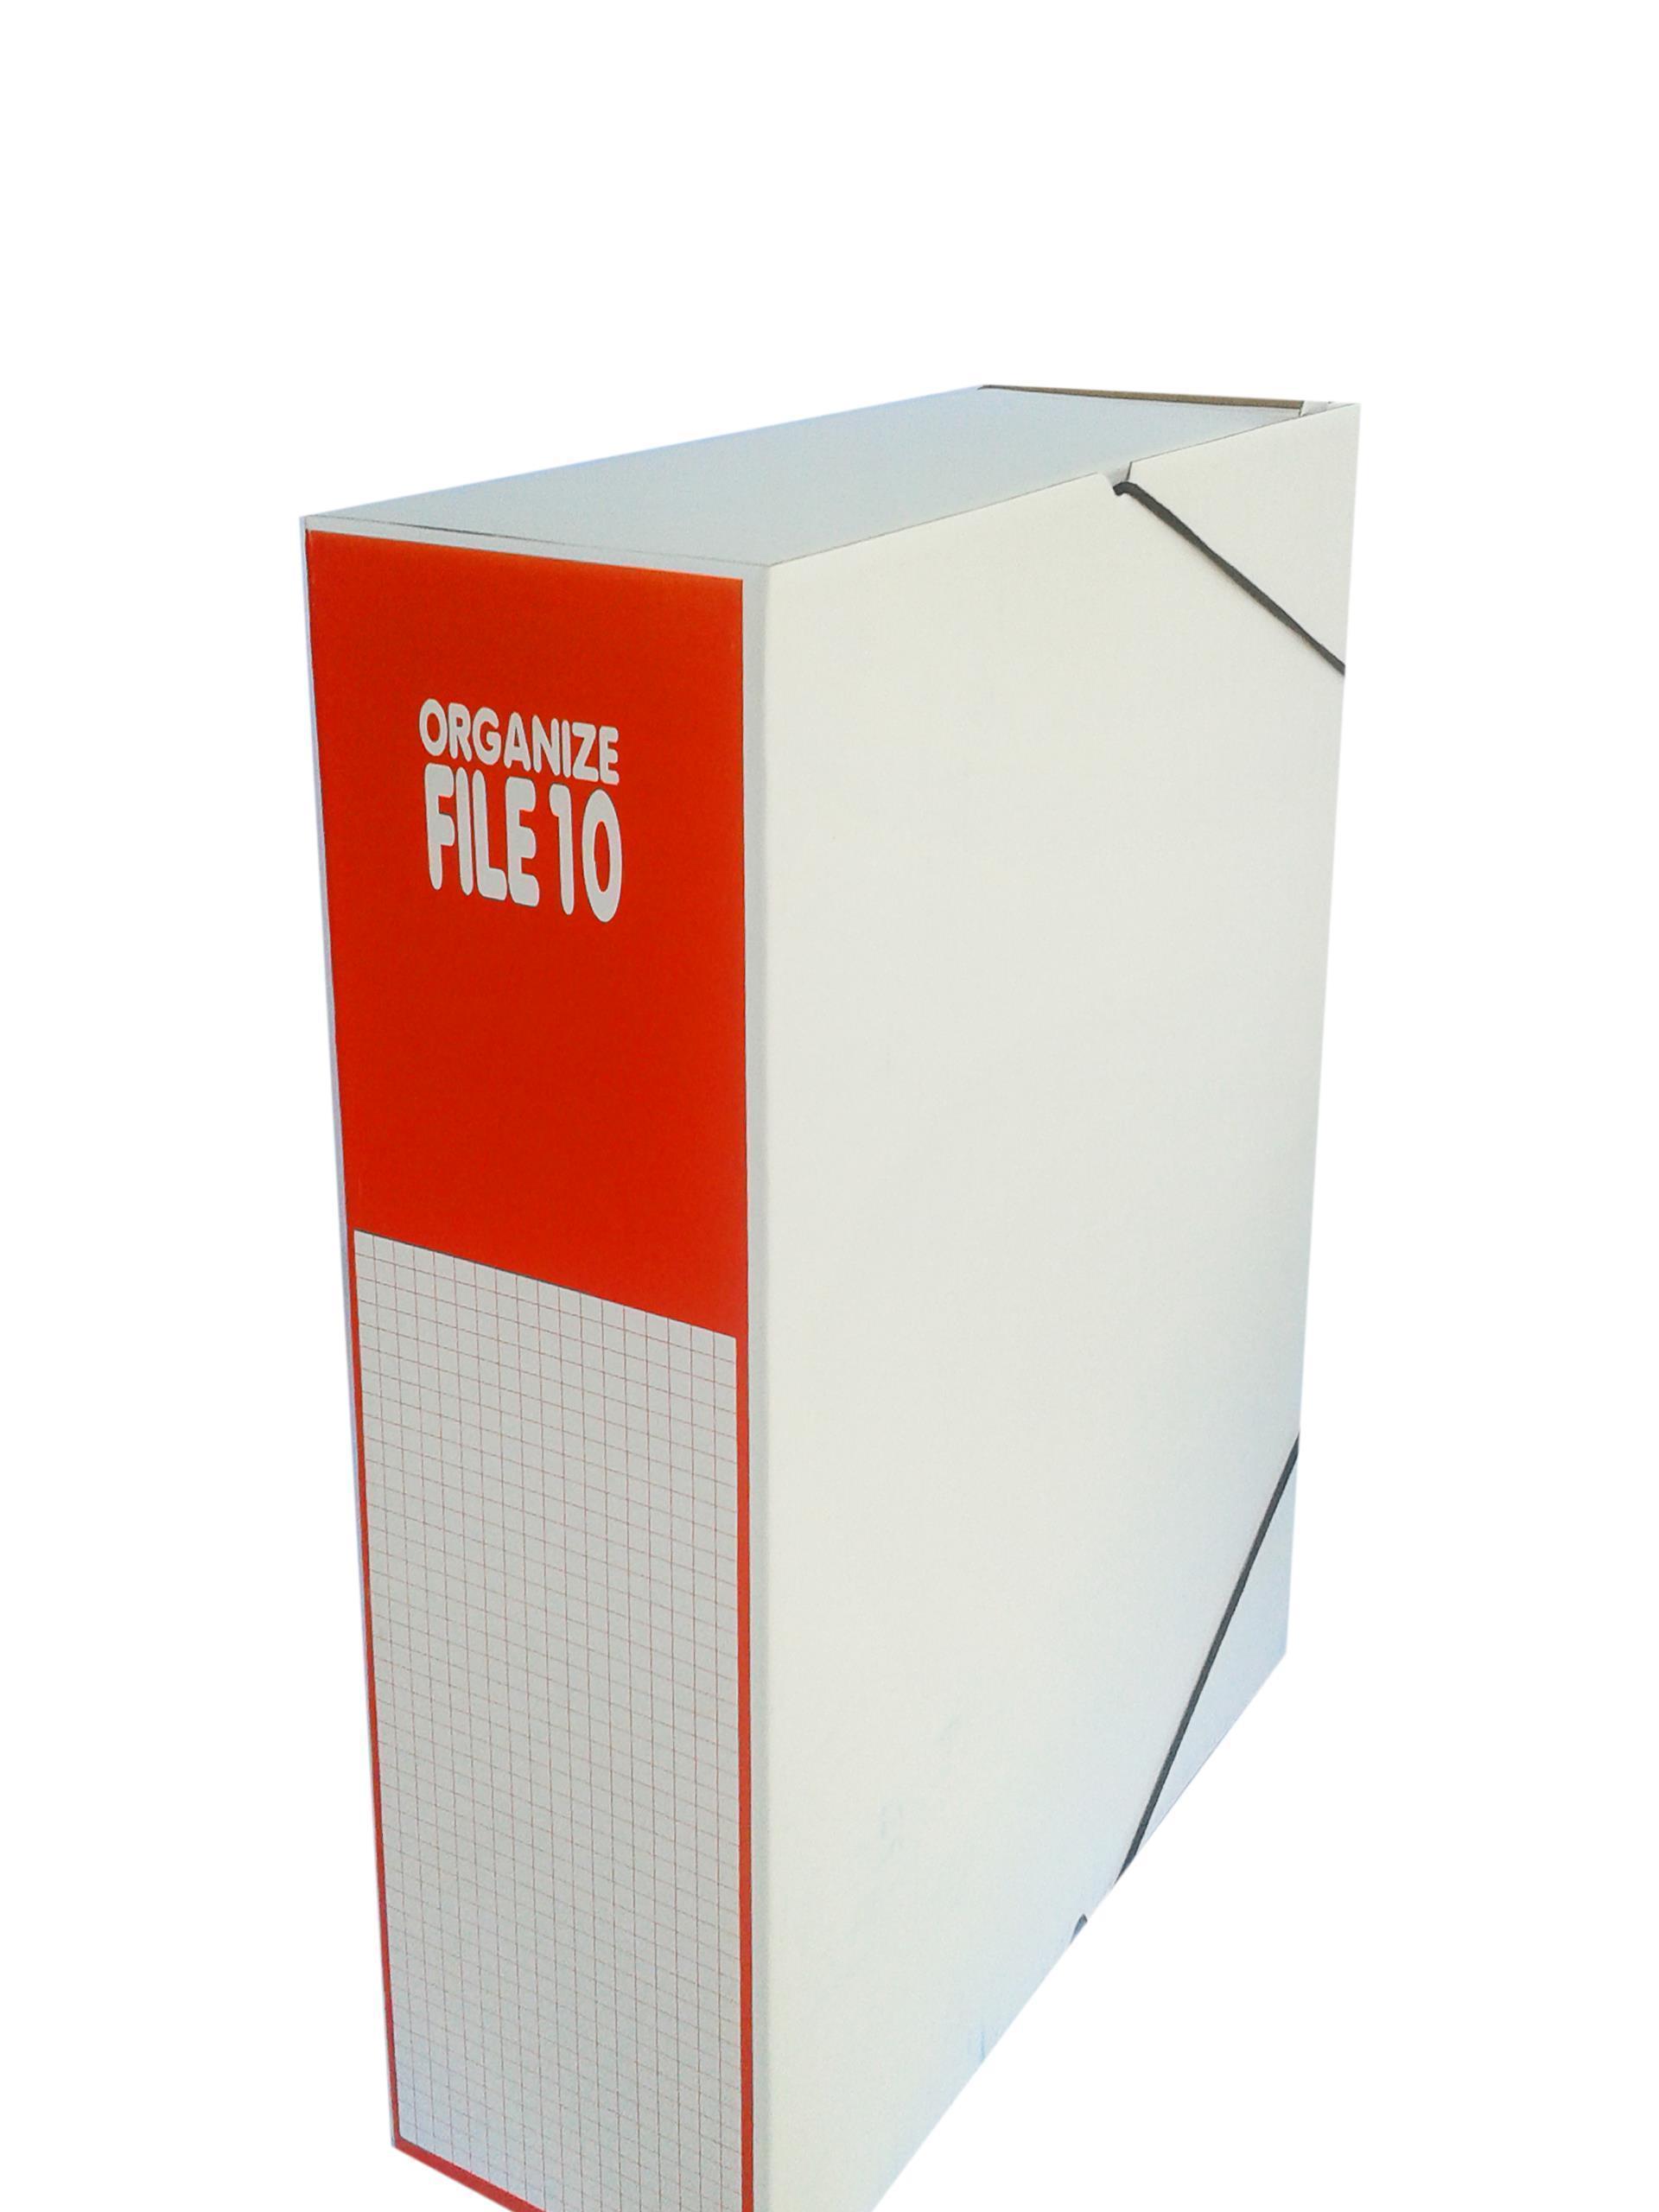 Κουτί με λάστιχο file 10 - 1